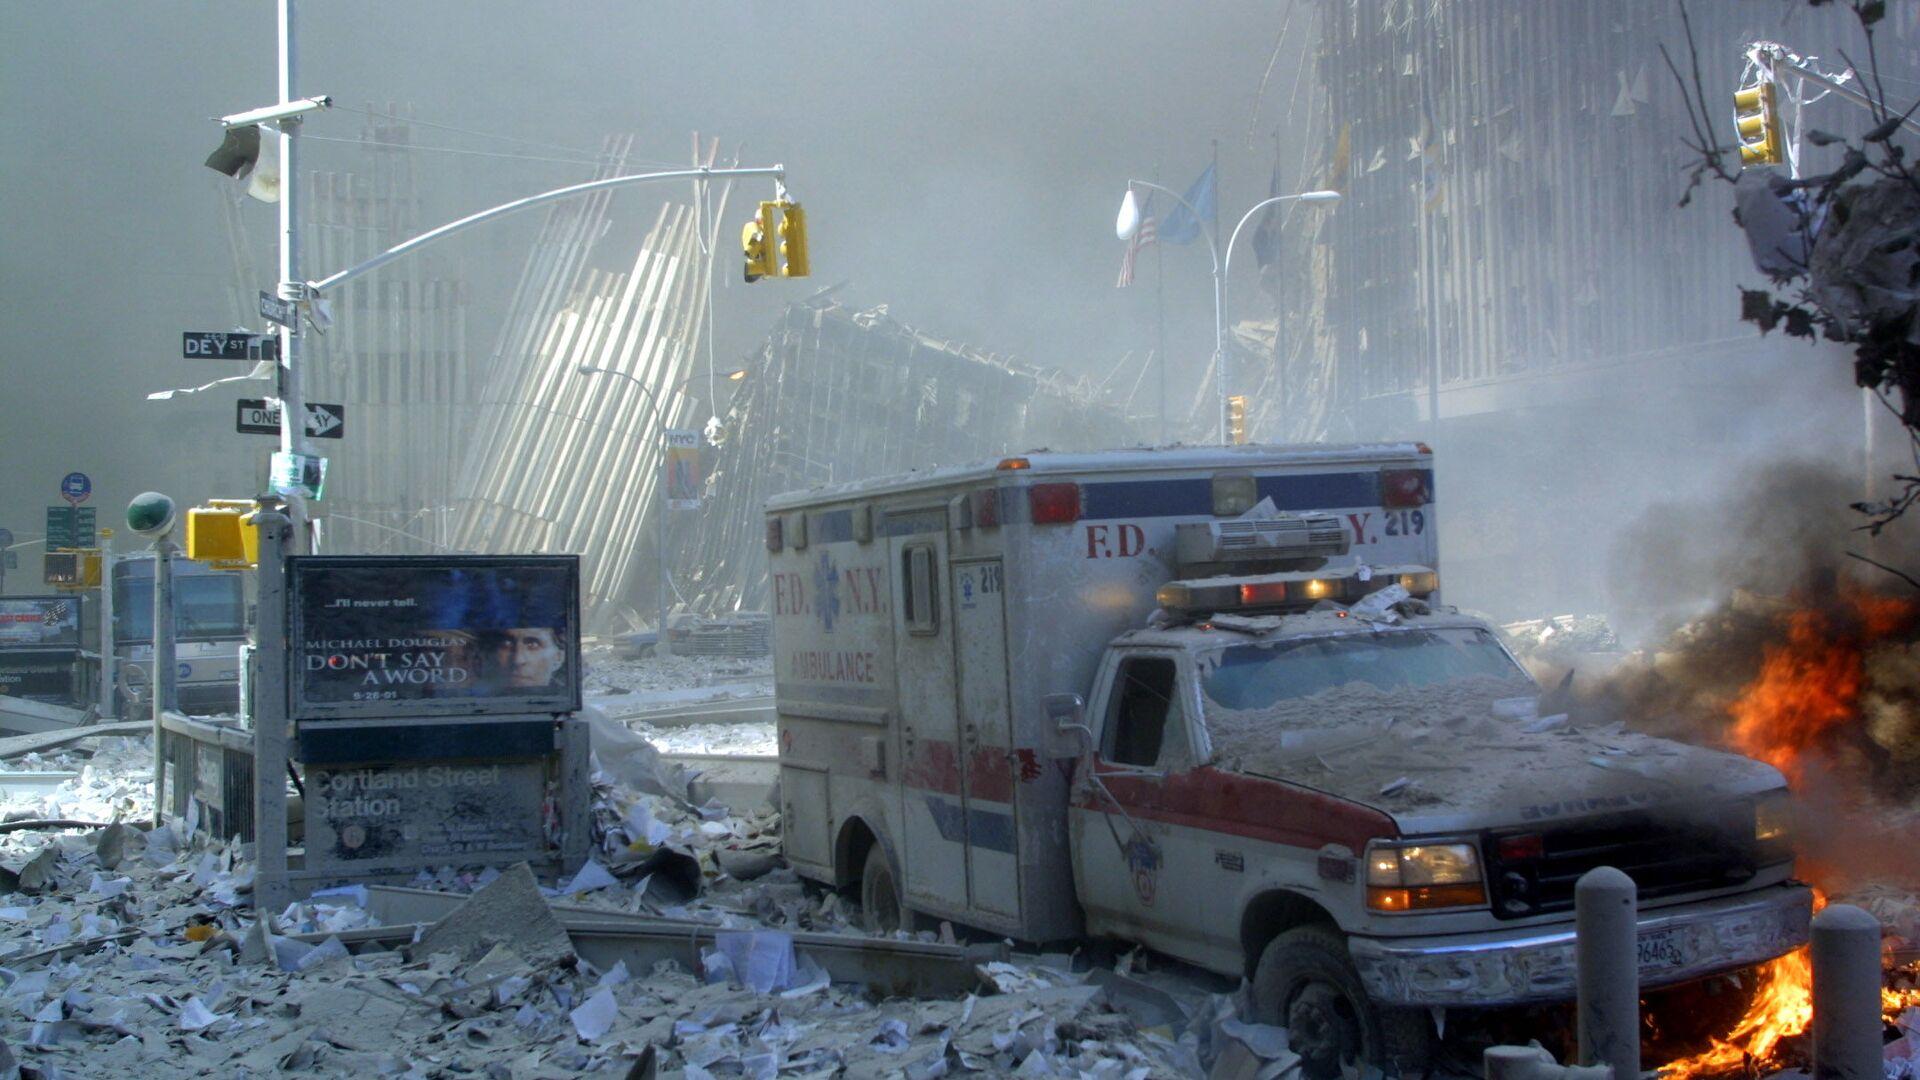 Поврежденный автомобиль скорой помощи и покрытая обломками улица после обрушения первого здания Всемирного торгового центра в Нью-Йорке - Sputnik International, 1920, 11.09.2021